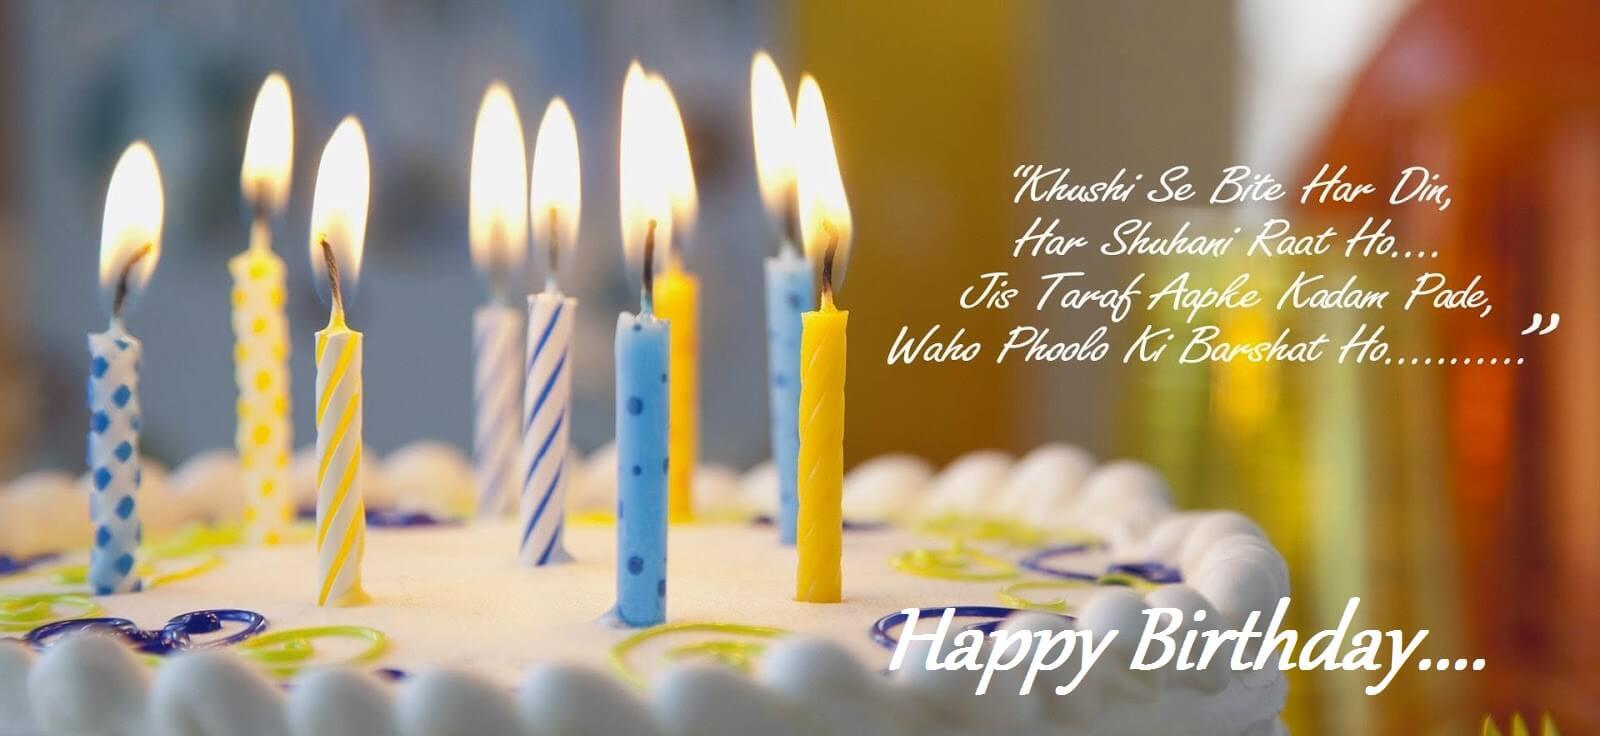 Romantic Birthday Shayari In Hindi-English